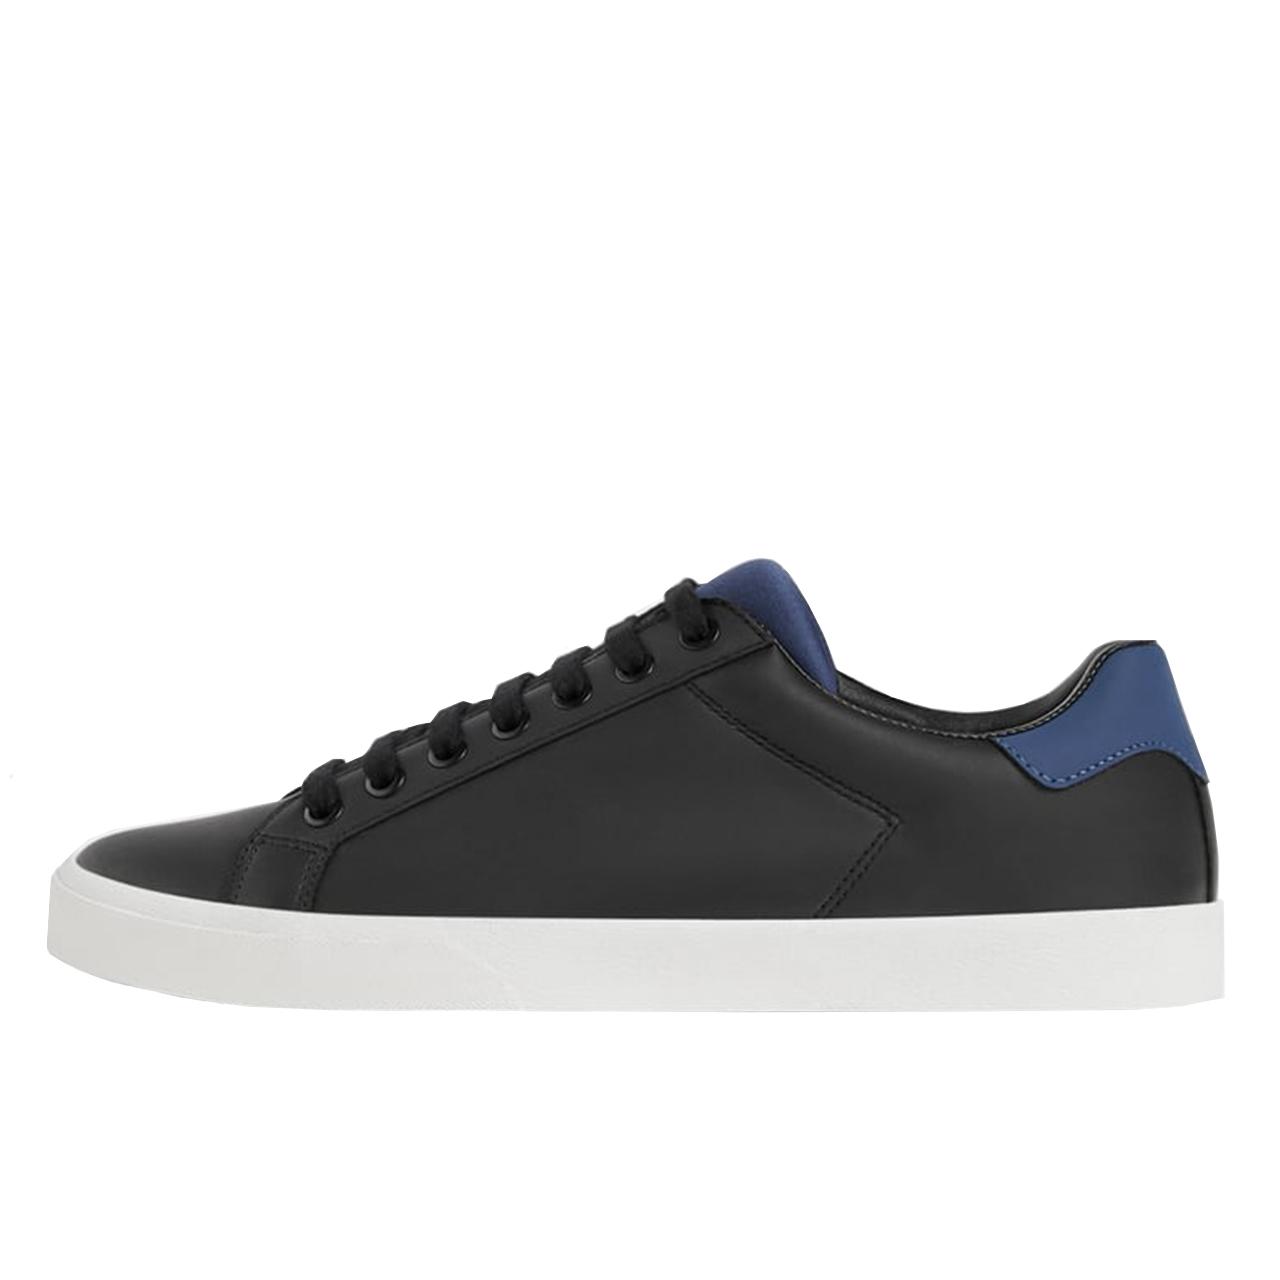 کفش مردانه زارا مدل BLACK - 5239/302